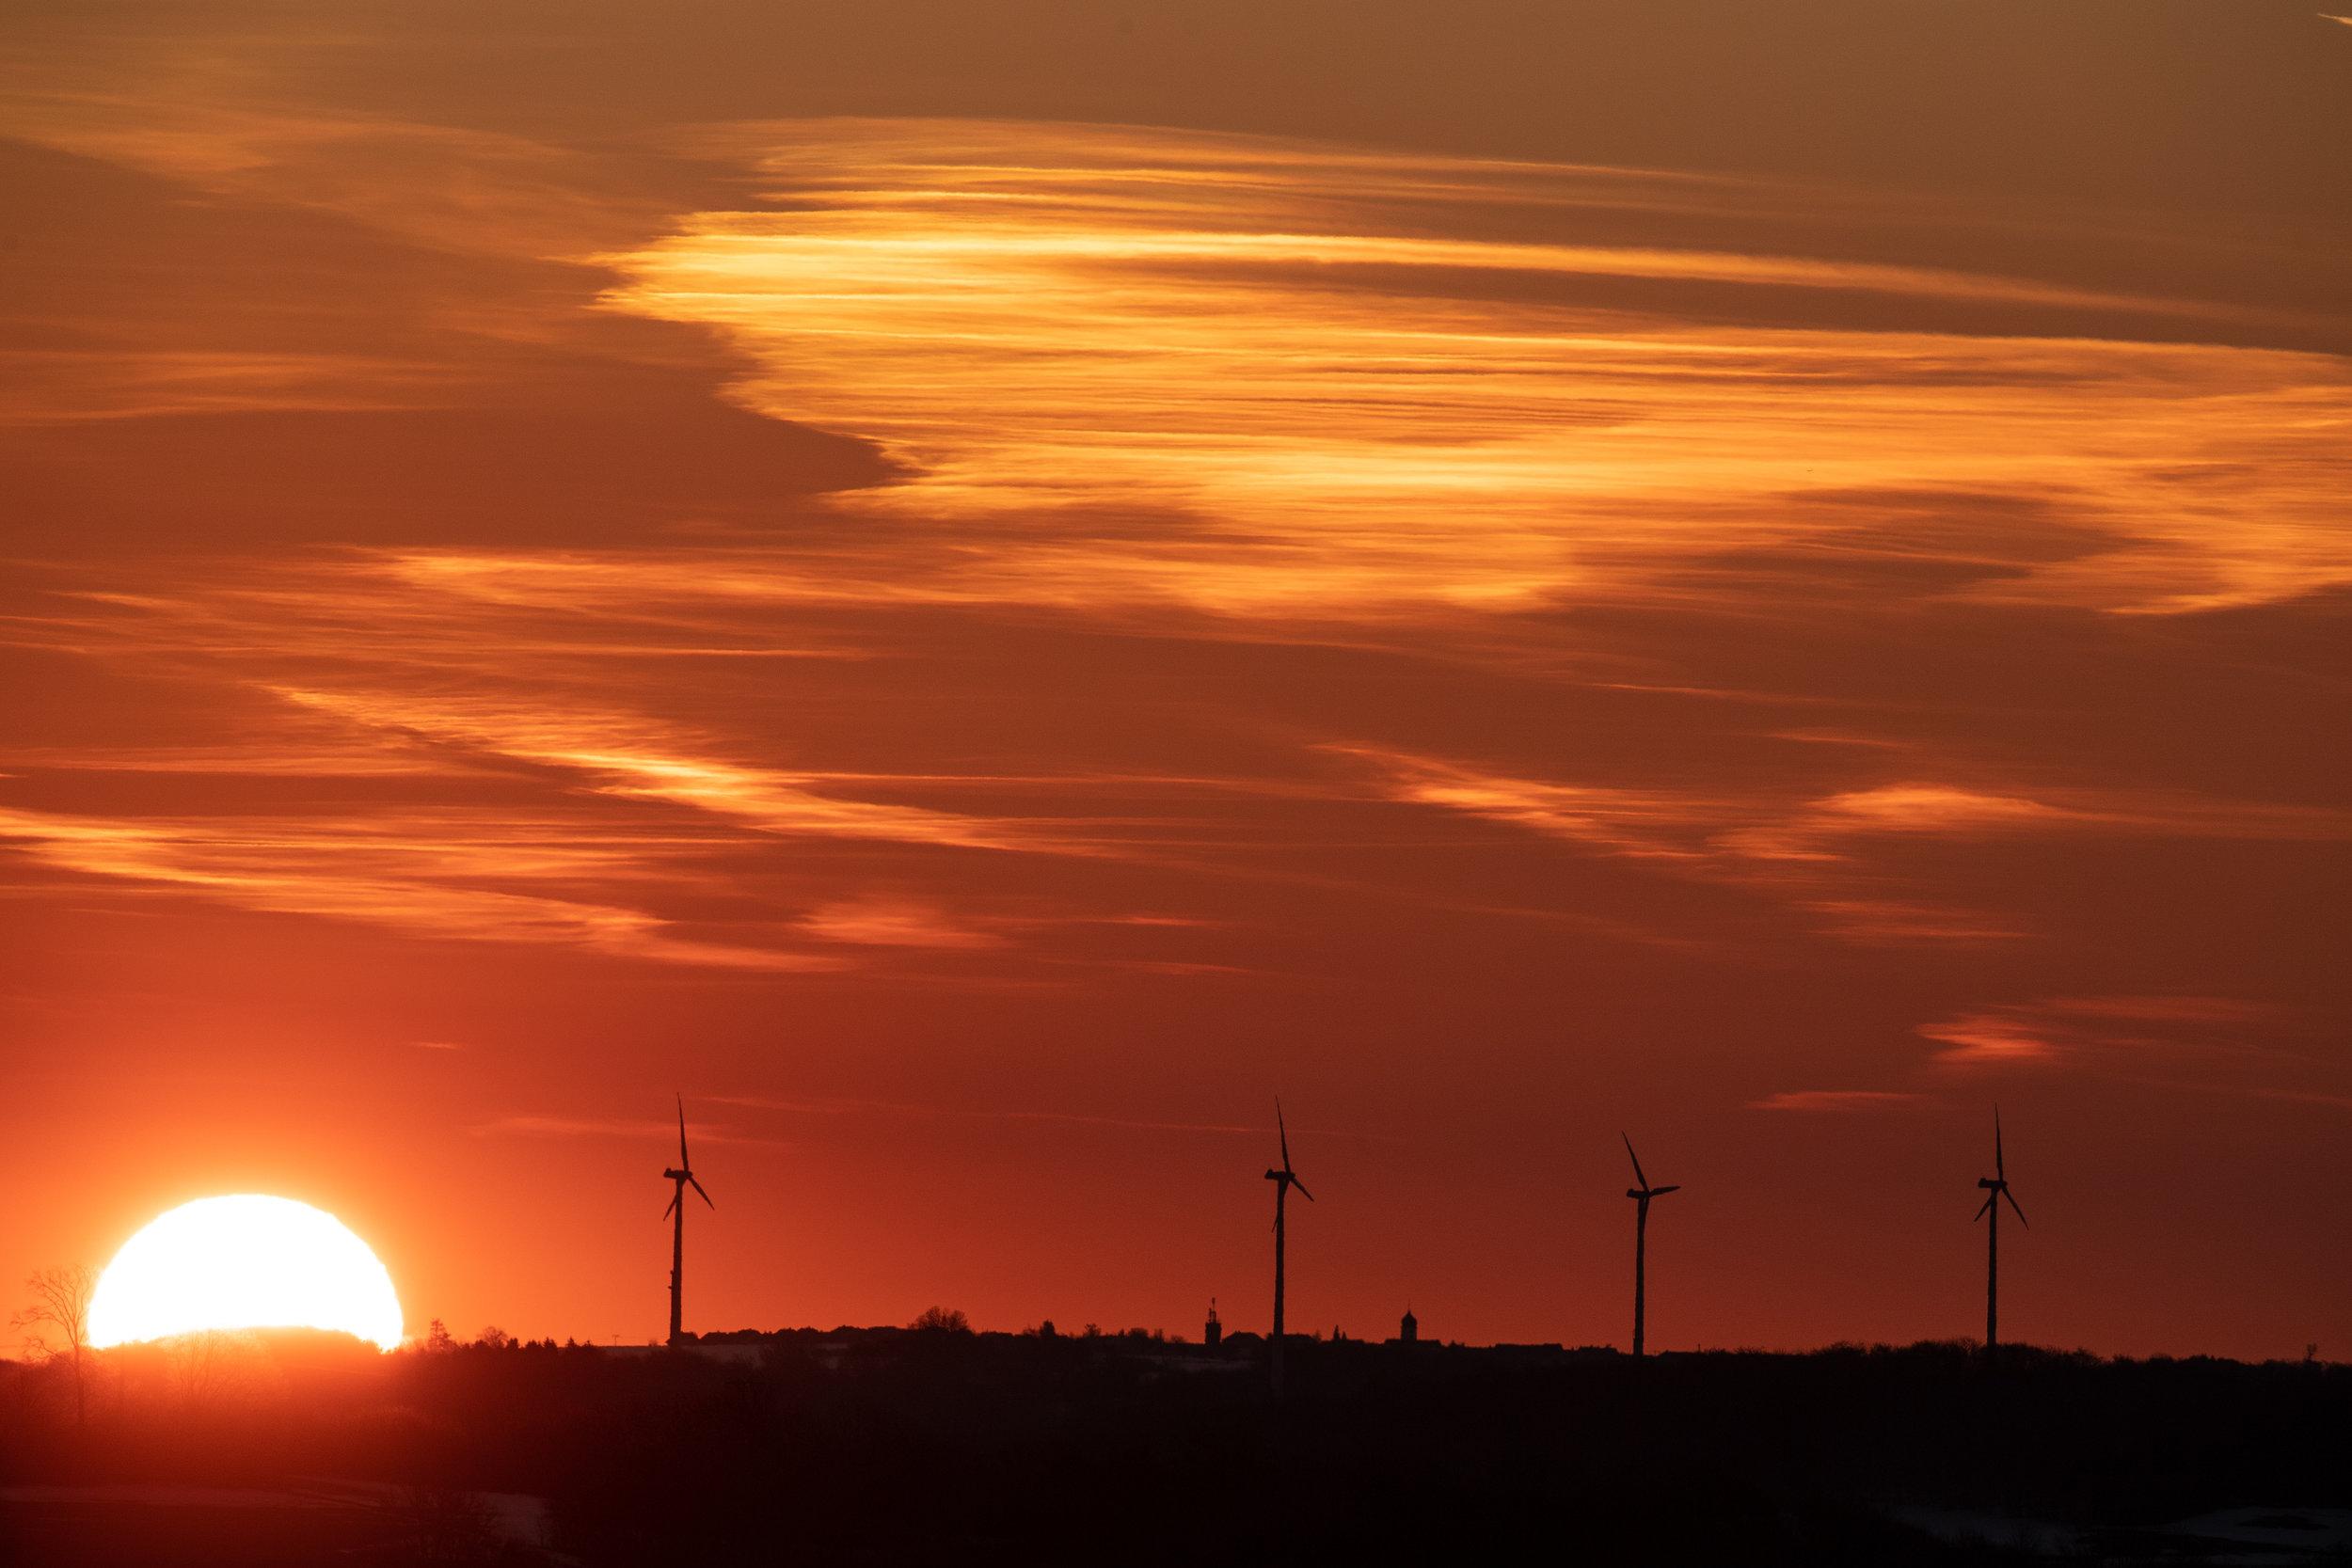 Sonnenaufgang in der Schwäbischen Alb